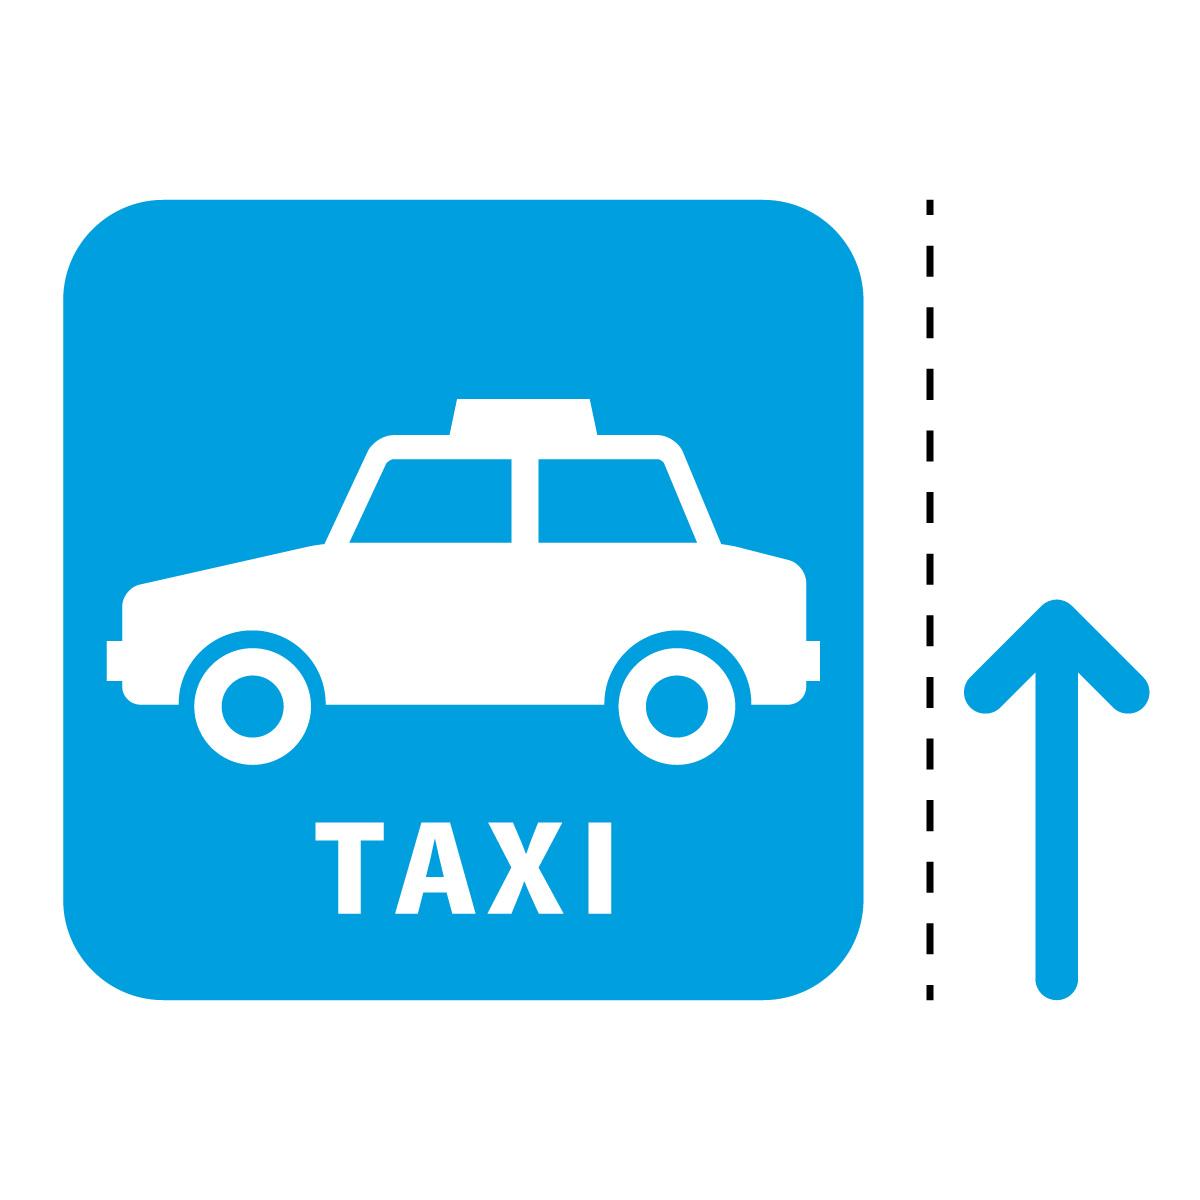 青色のタクシー案内マーク(矢印付き)のカッティングステッカー・シール